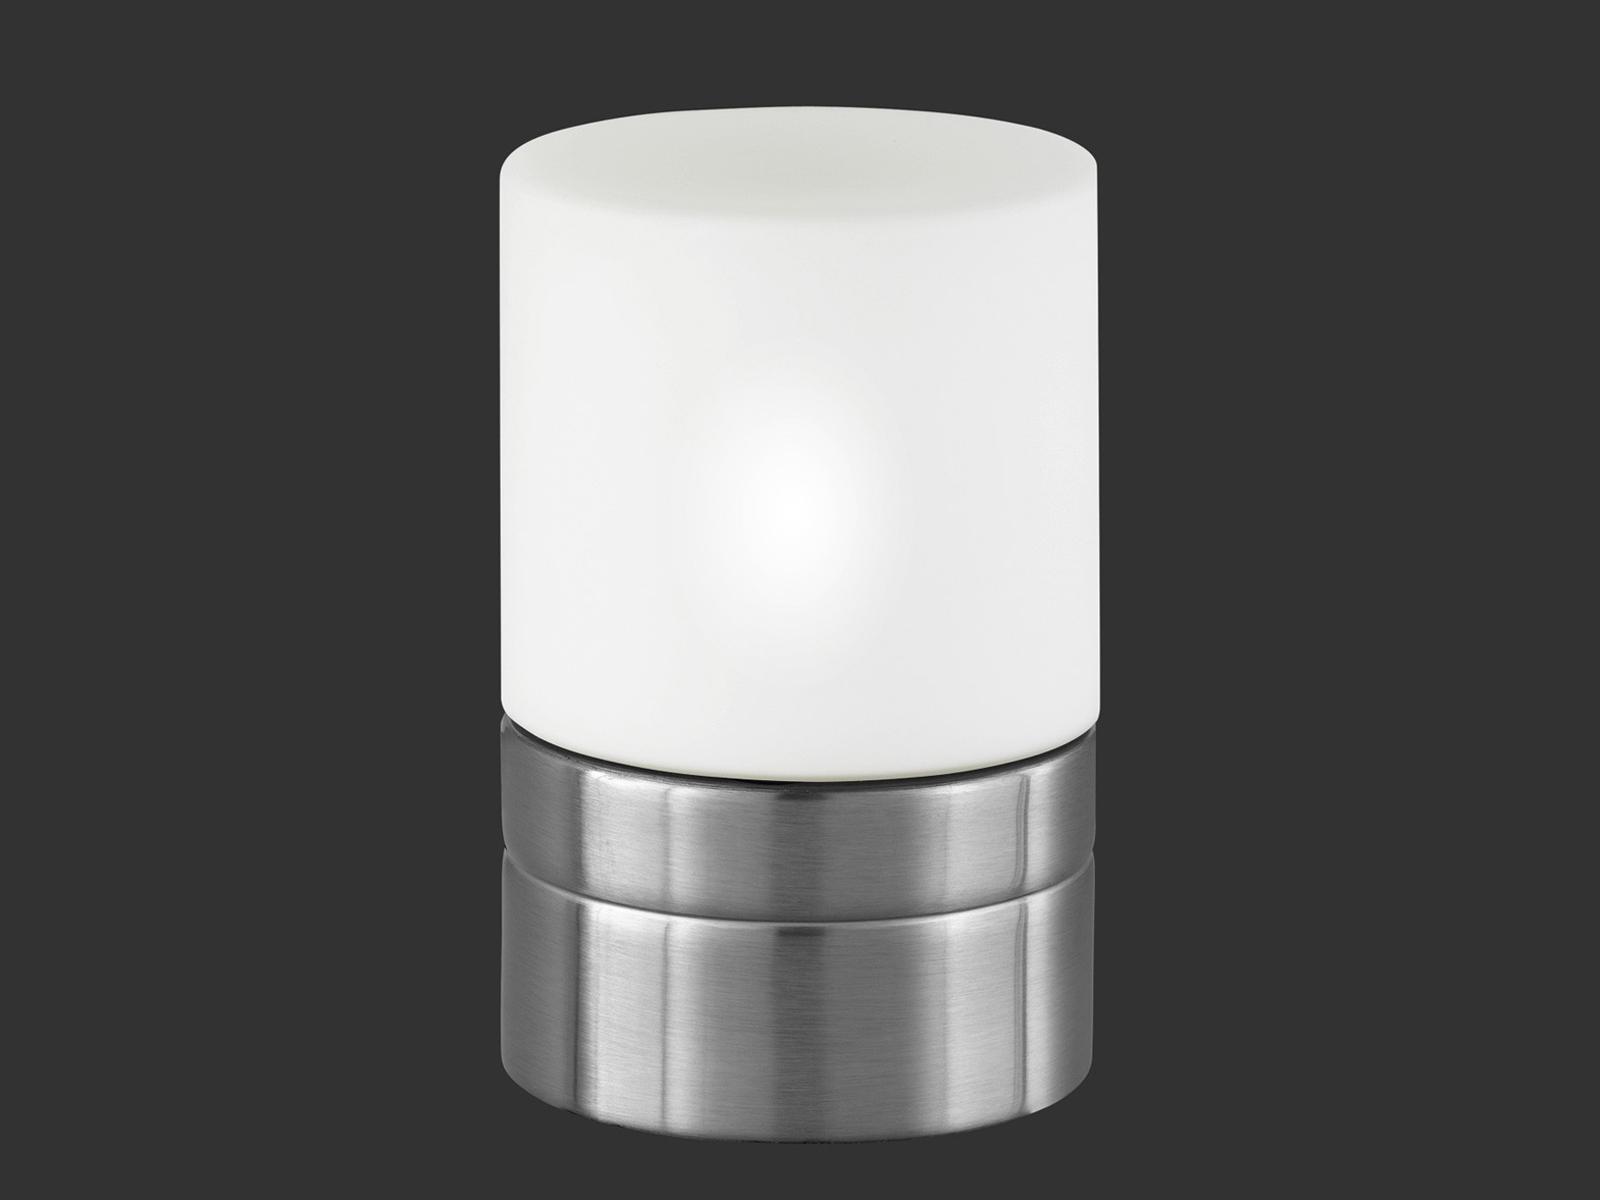 Nickel matt TRIO Tischlampe TOUCH-ME Glas opal weiß Ø 9cm E14